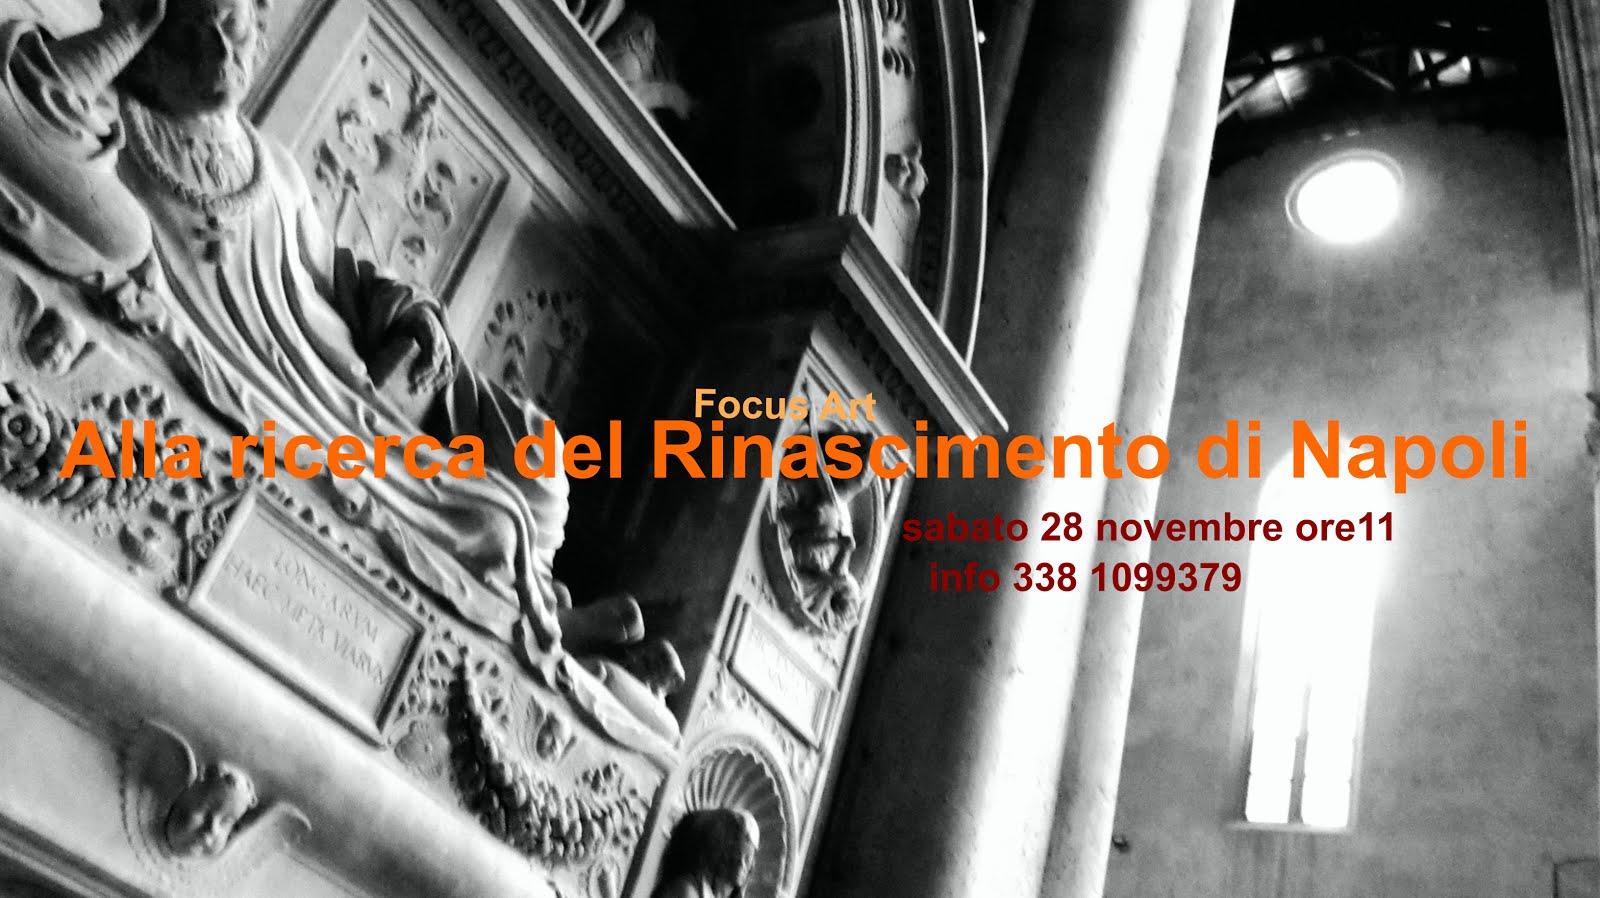 La ricerca del Rinascimento a Napoli